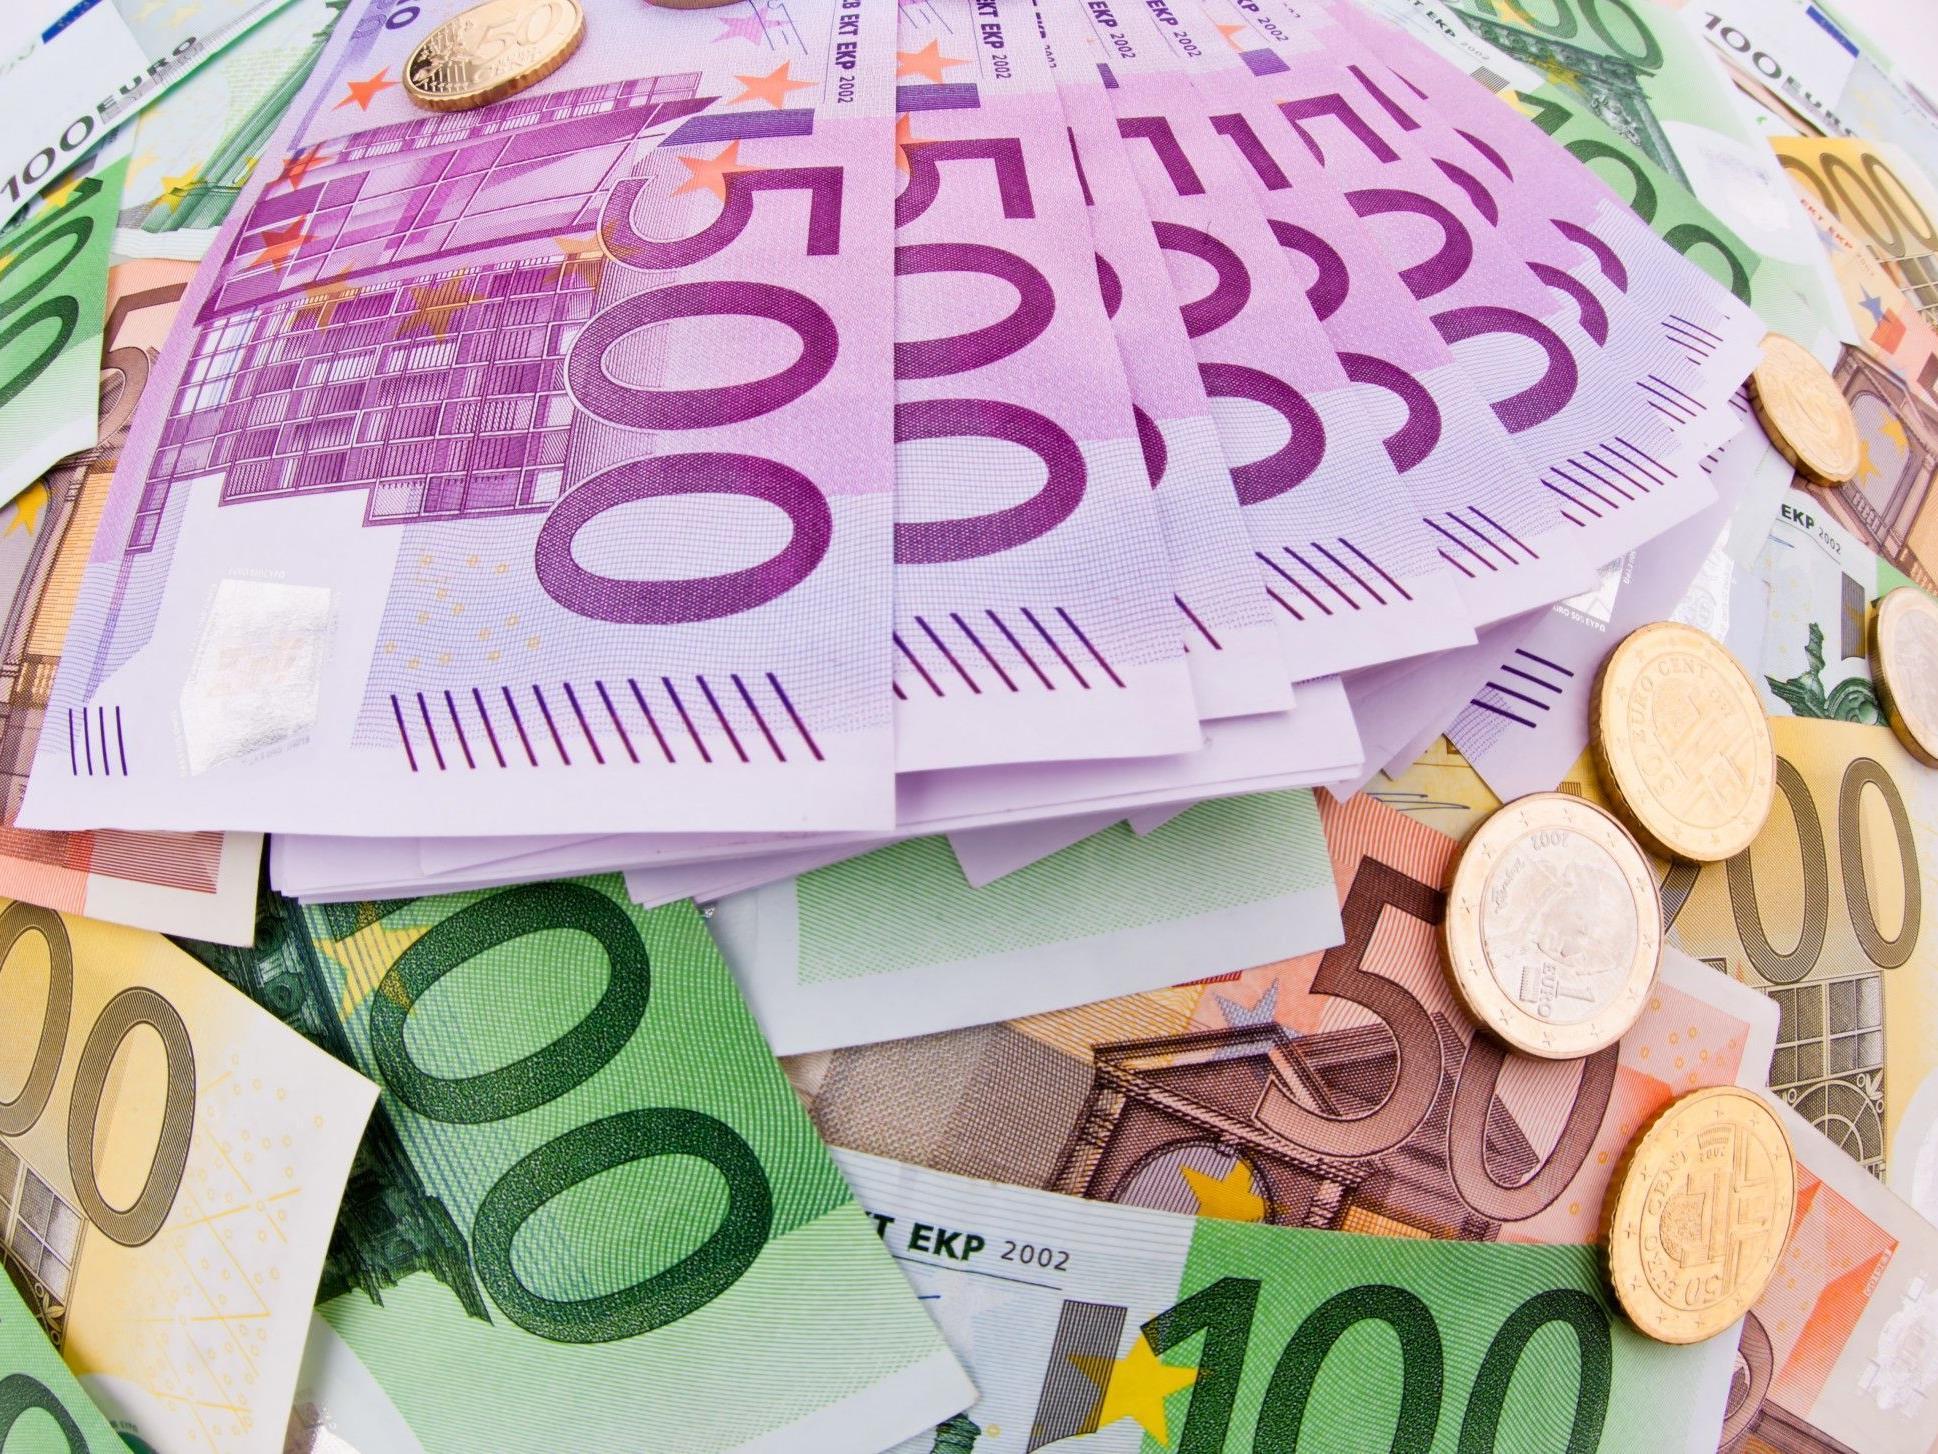 Was kostet die Welt? 1500 Euro und fünf Wochen U-Haft offensichtlich.